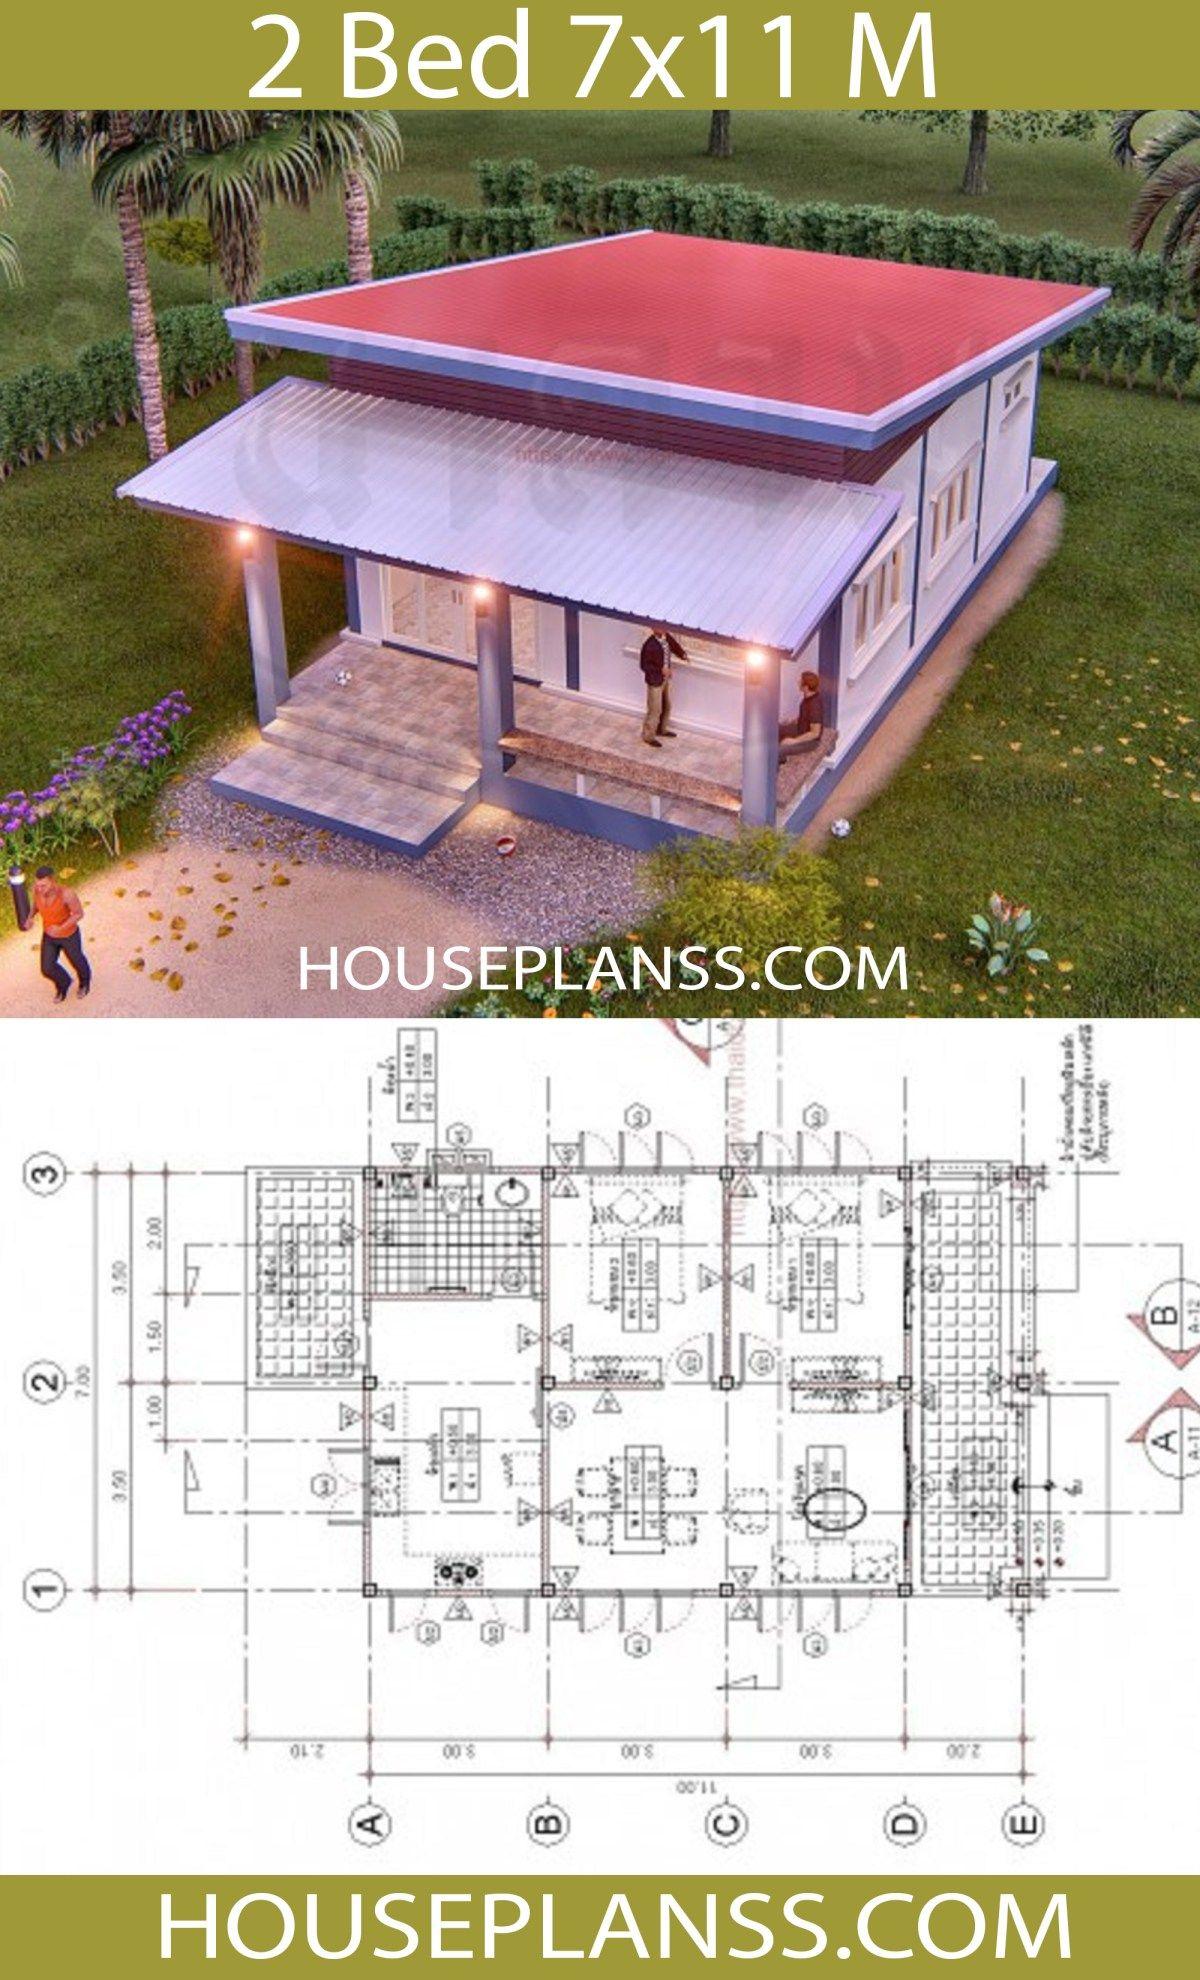 House Plans Idea 7x11 With 2 Bedrooms House Plans 3d House Construction Plan Bedroom House Plans House Plans